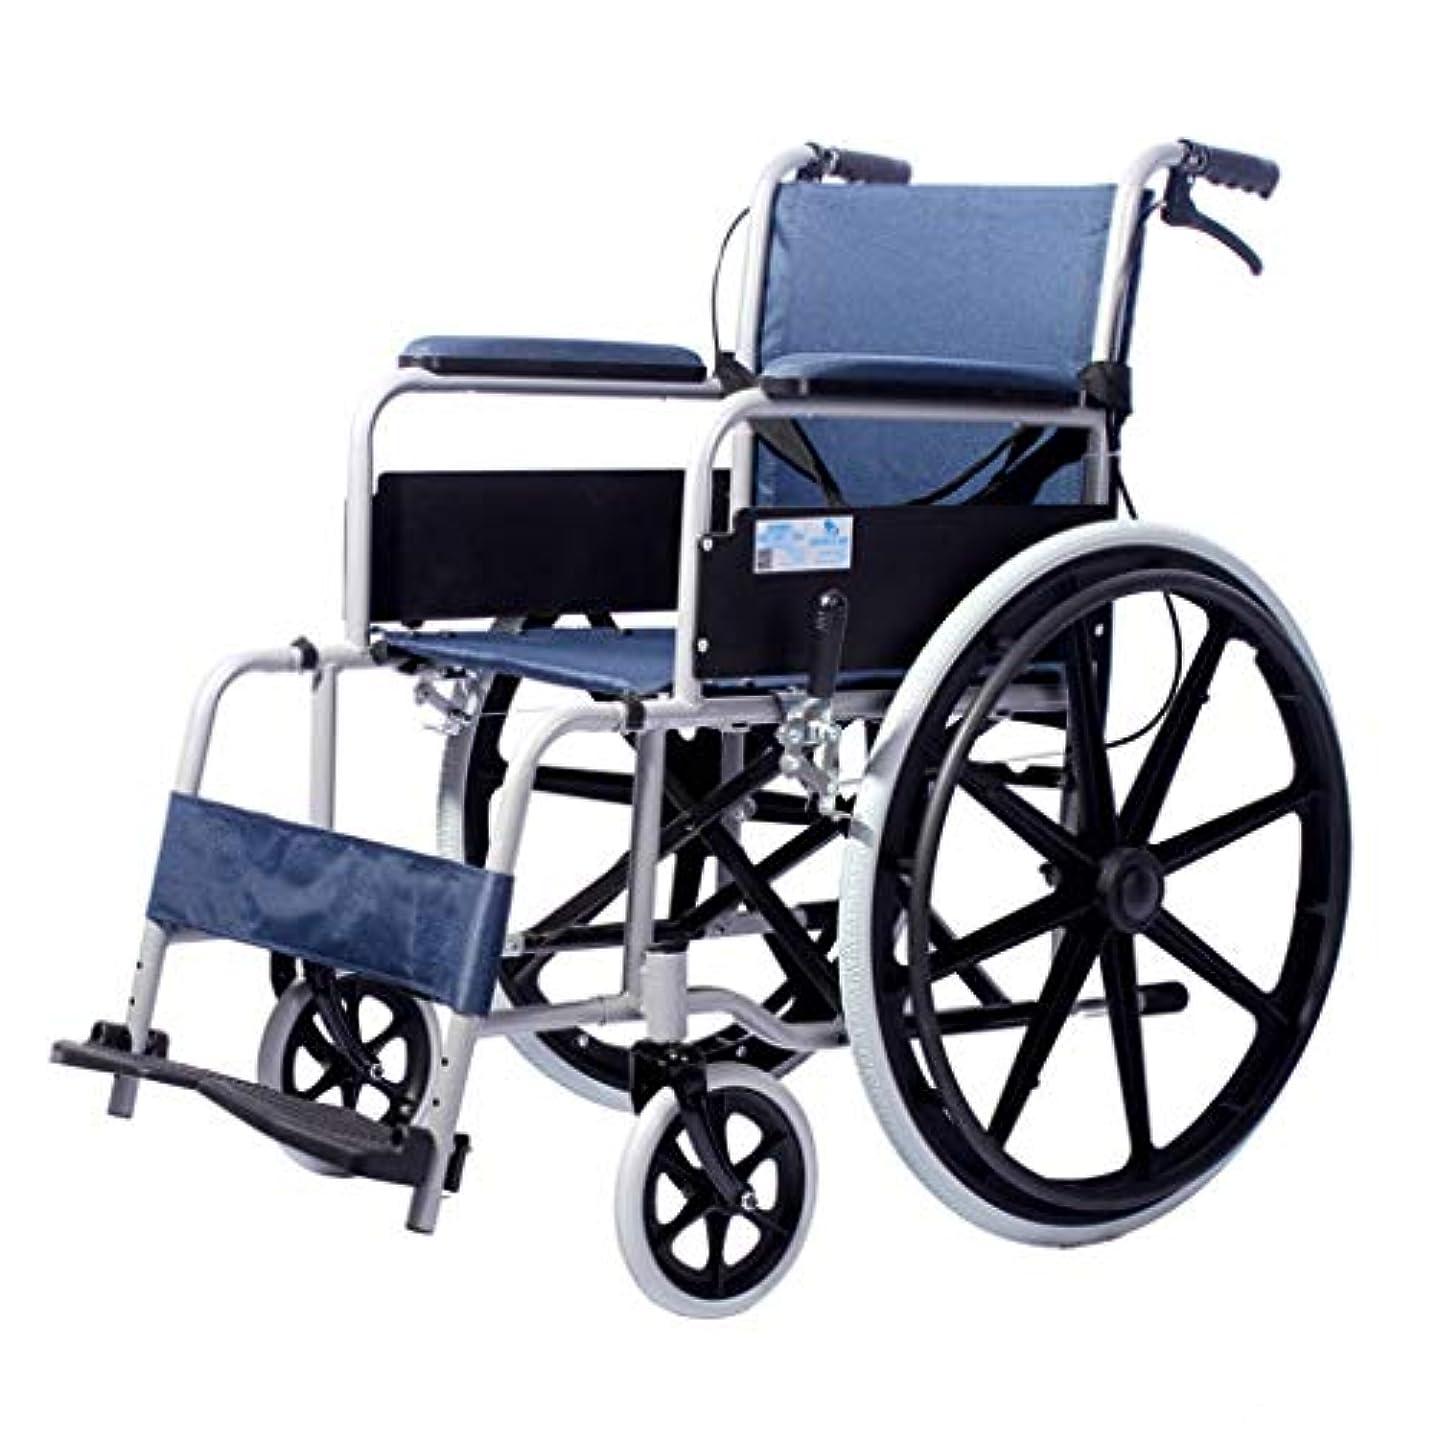 賛美歌間違えたこれまで高齢者用車椅子折りたたみ式手すり、高齢者用調整可能ペダル、四輪ブレーキ機能